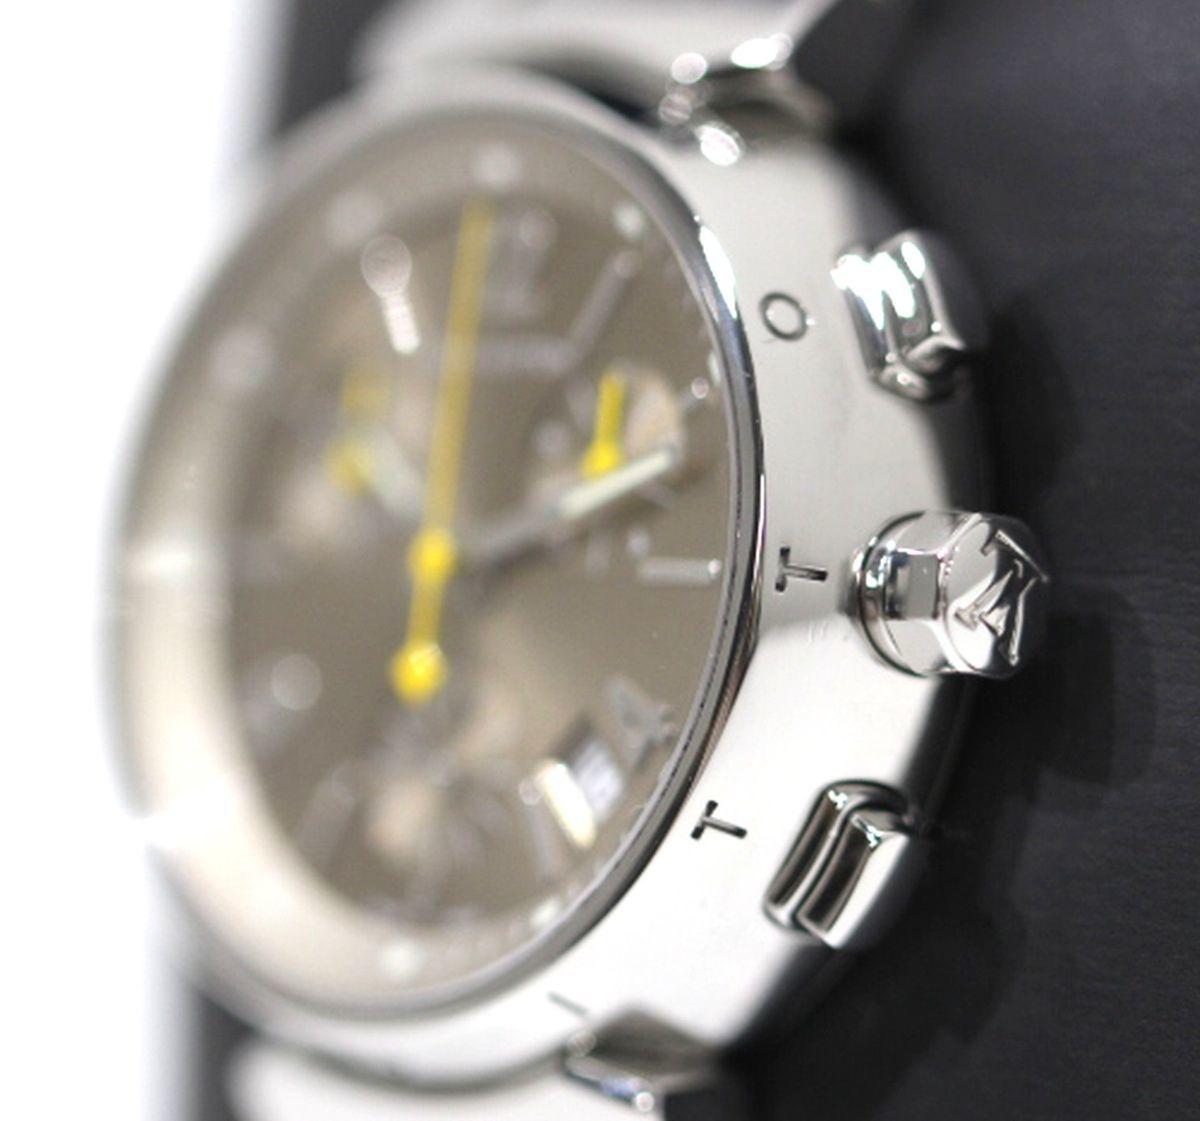 磨き済 超美品 ヴィトン Q1322 タンブール クロノグラフ クオーツ ステンレスベルト 時計 ボーイズ_画像2